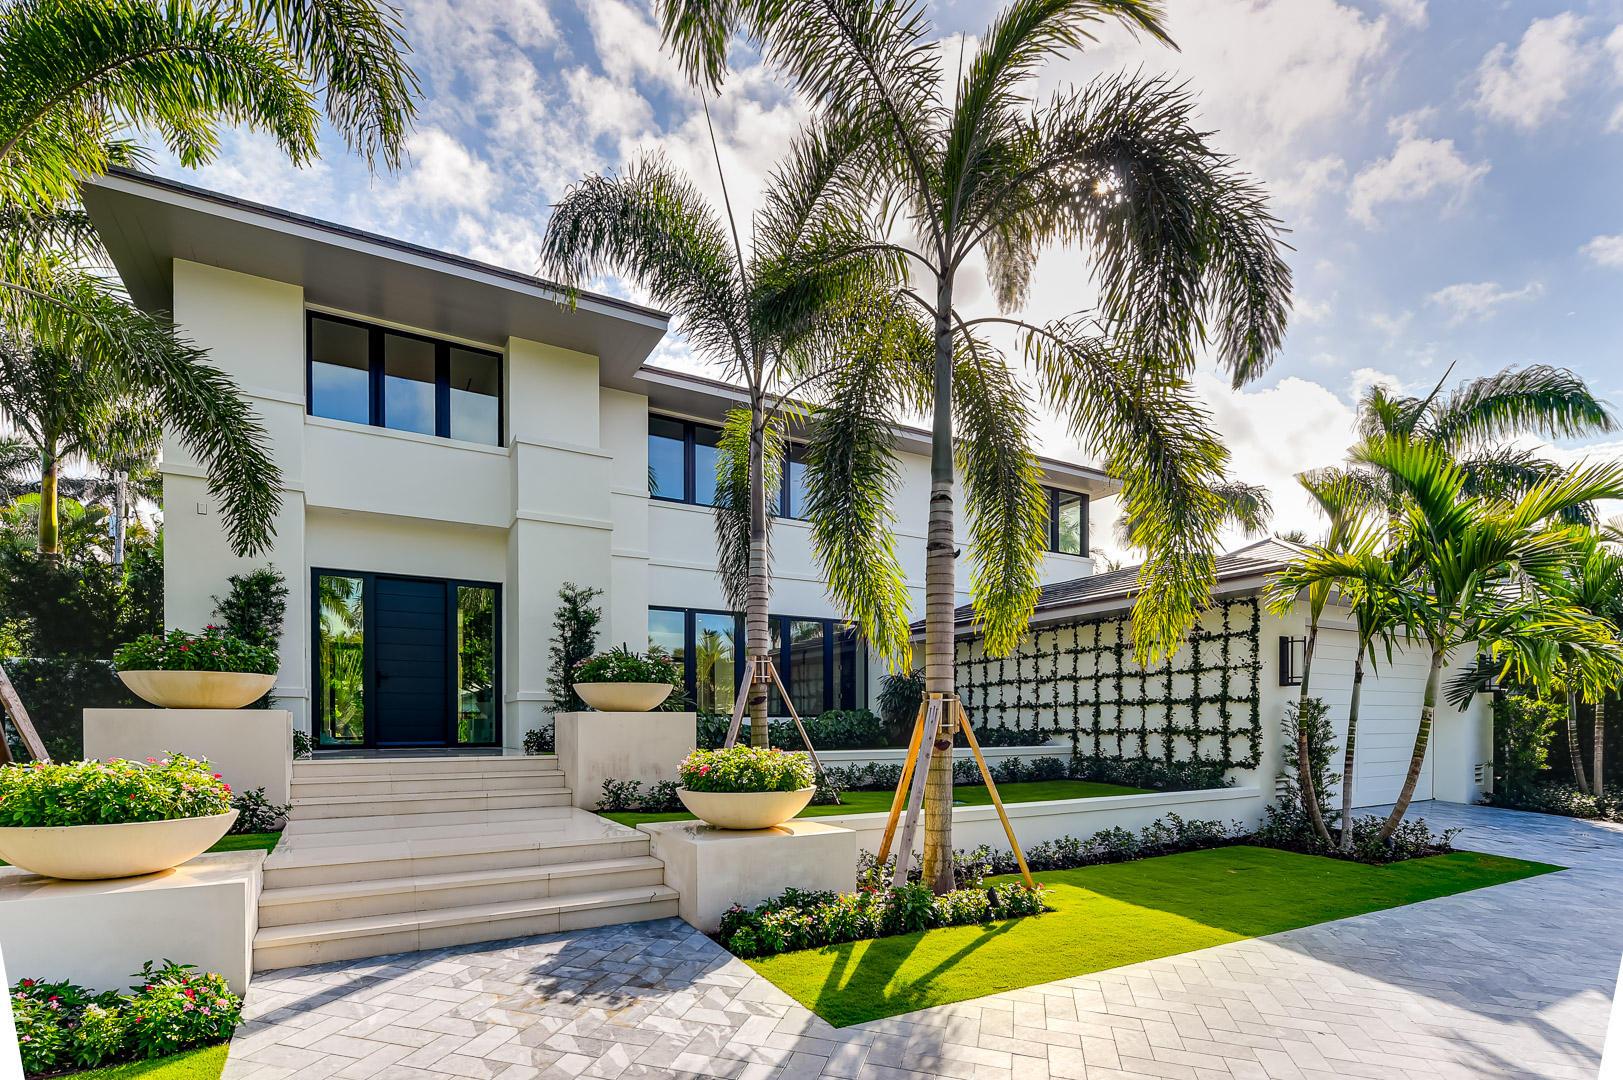 Details for 210 Miraflores Drive, Palm Beach, FL 33480